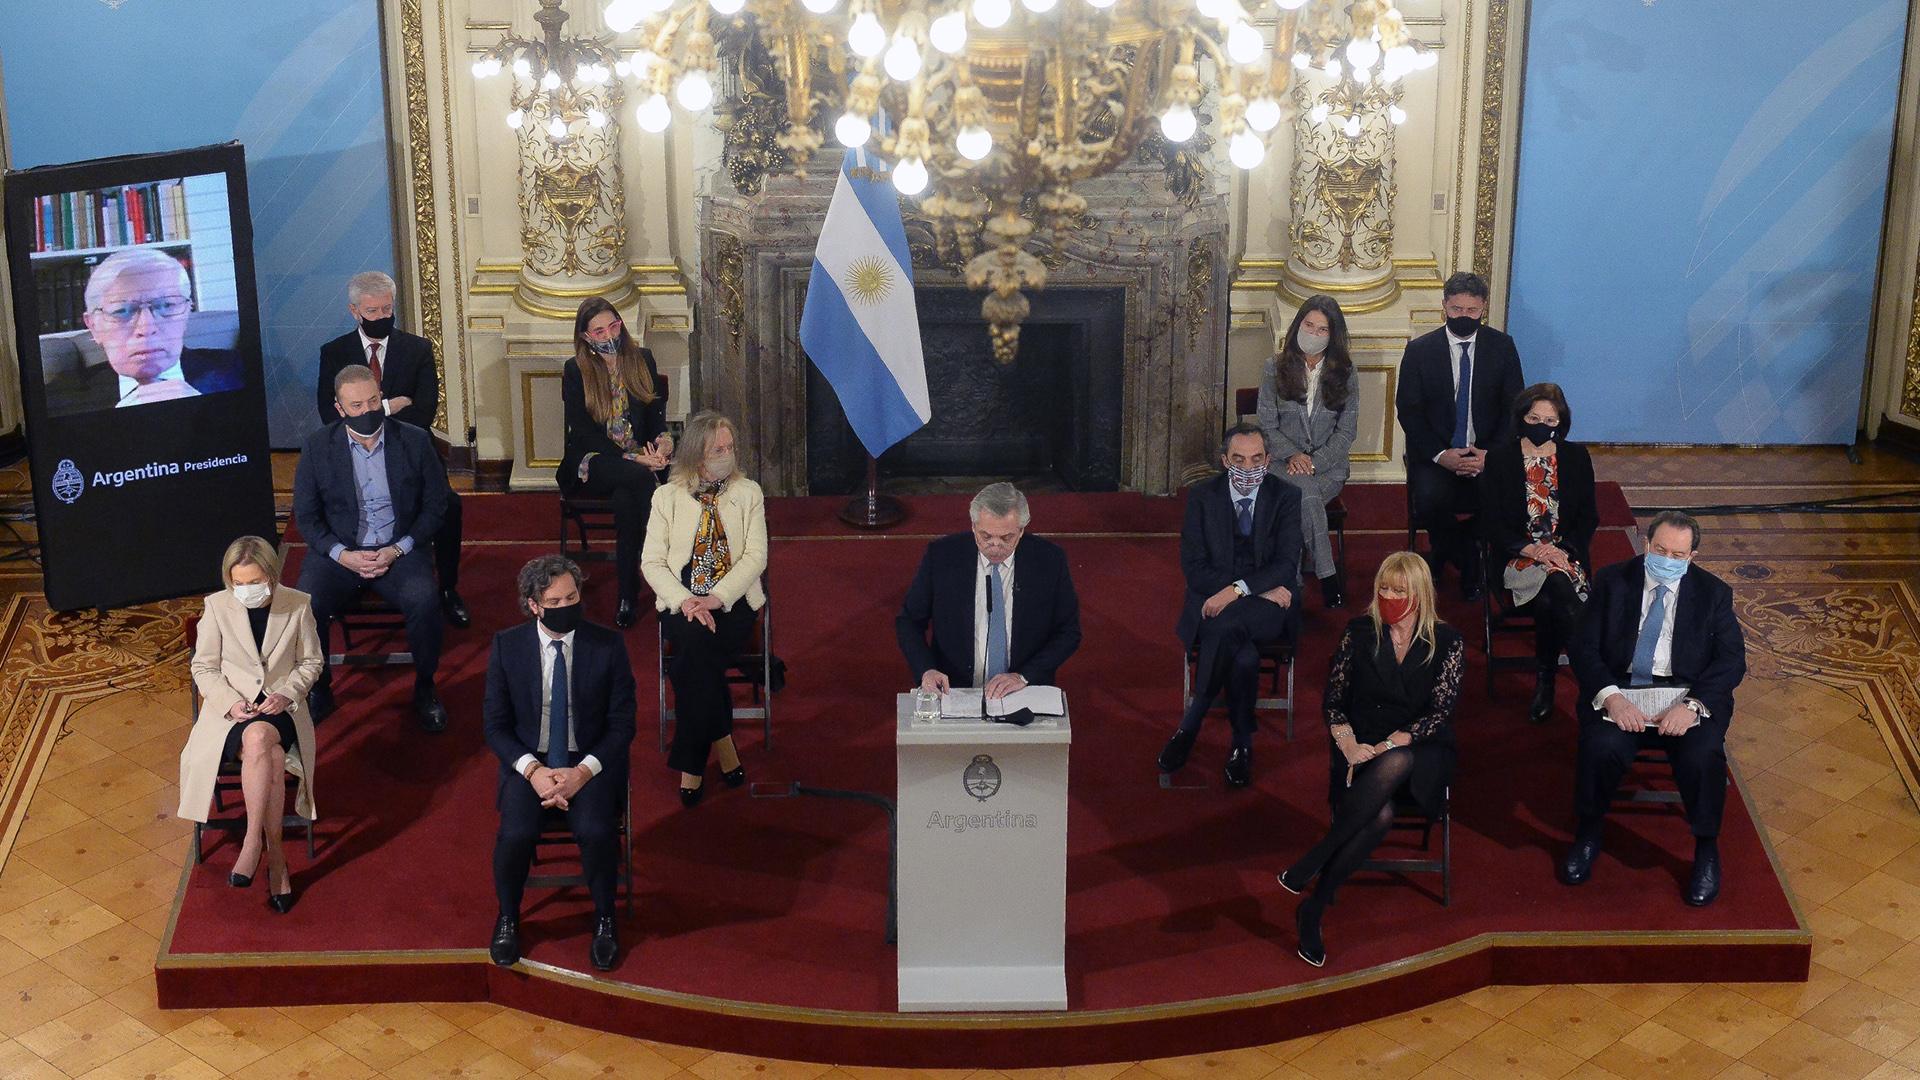 El Jefe de Estado estuvo rodeados por jurístas, ministros y autoridades de las distintas provincias